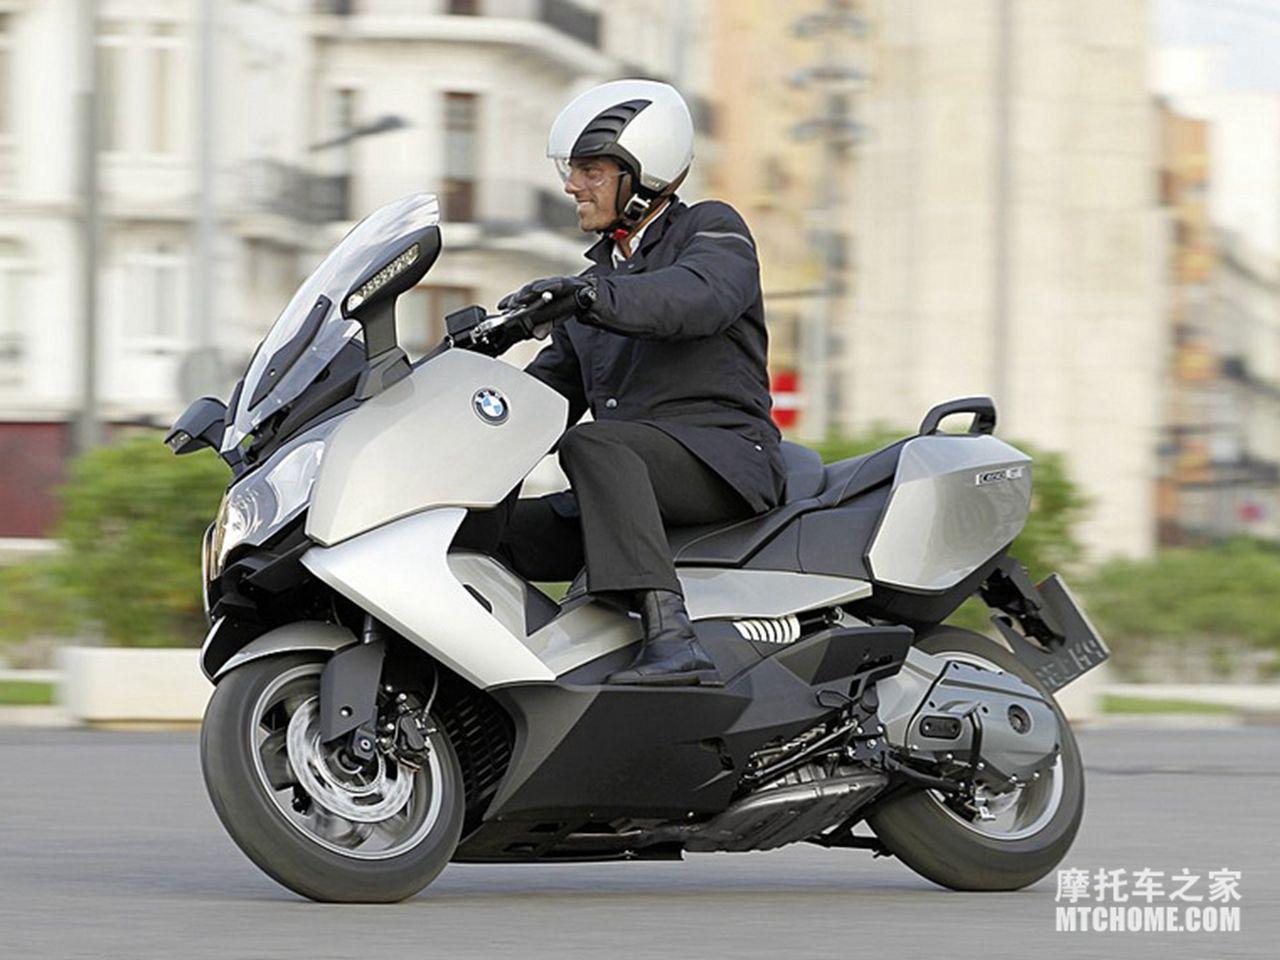 【宝马bmw C650gt骑乘图片】 摩托车图片库 摩托车之家